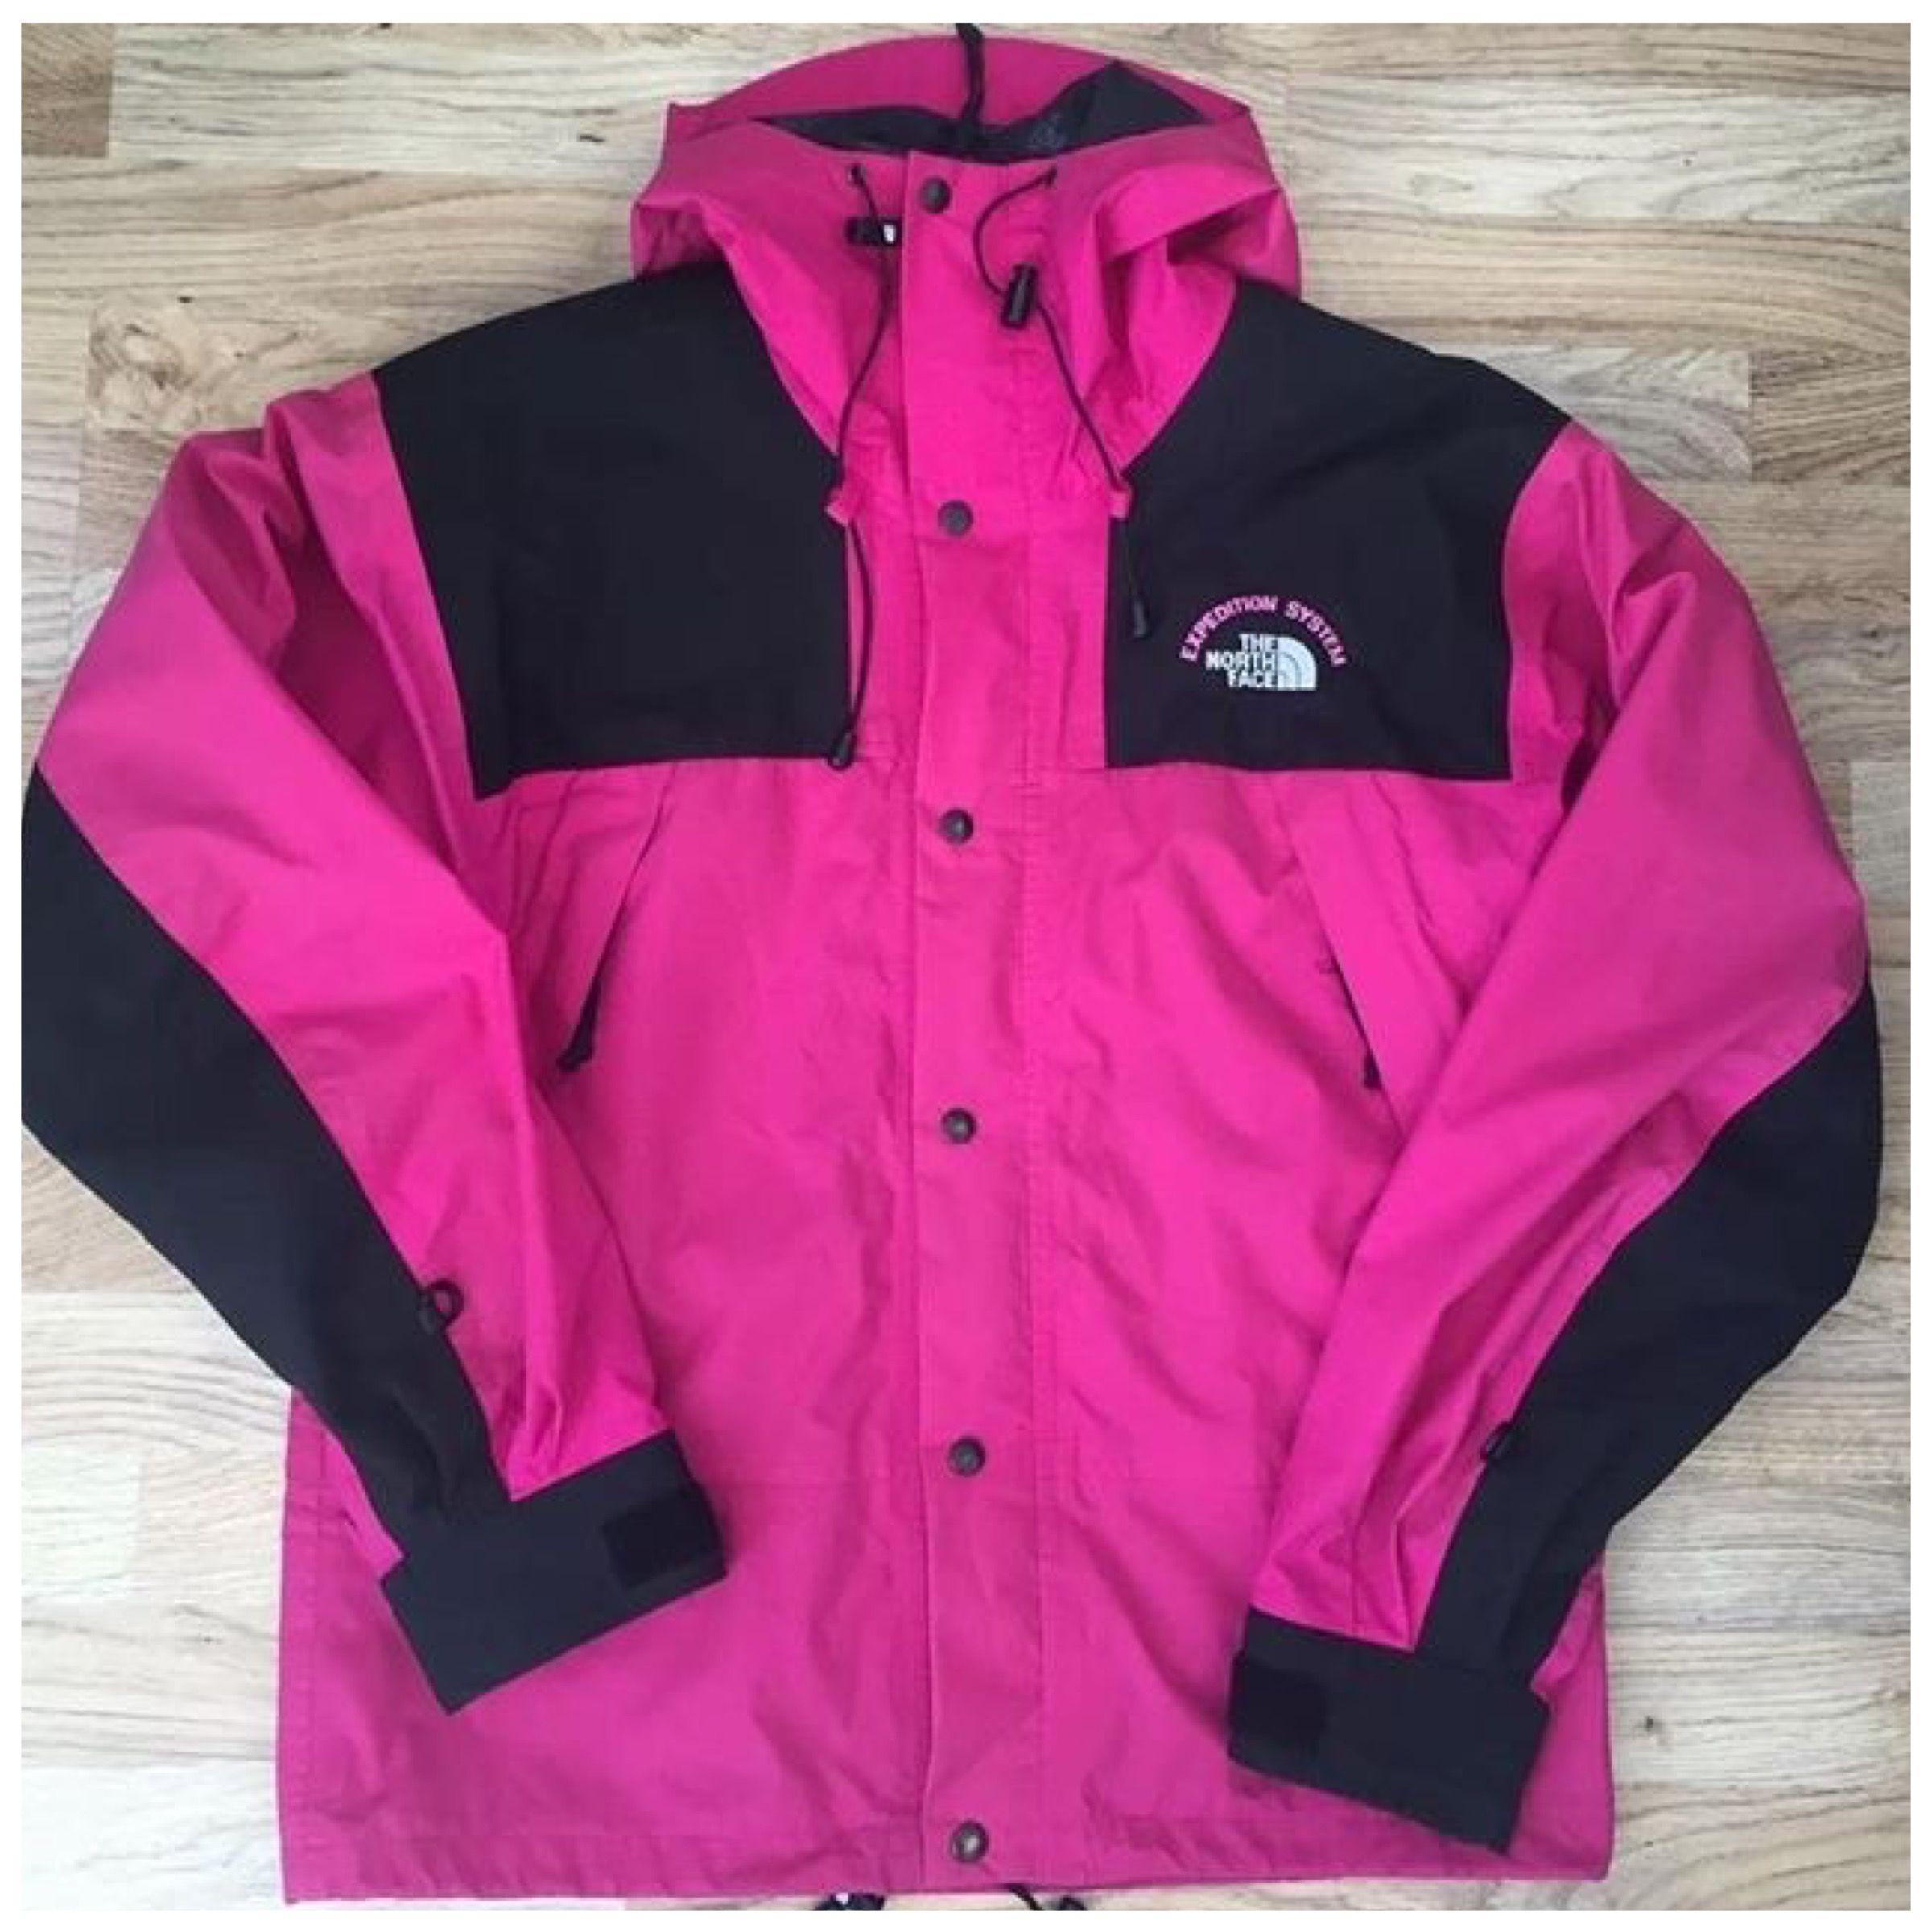 352e12823 Xpedition Mountain Jacket